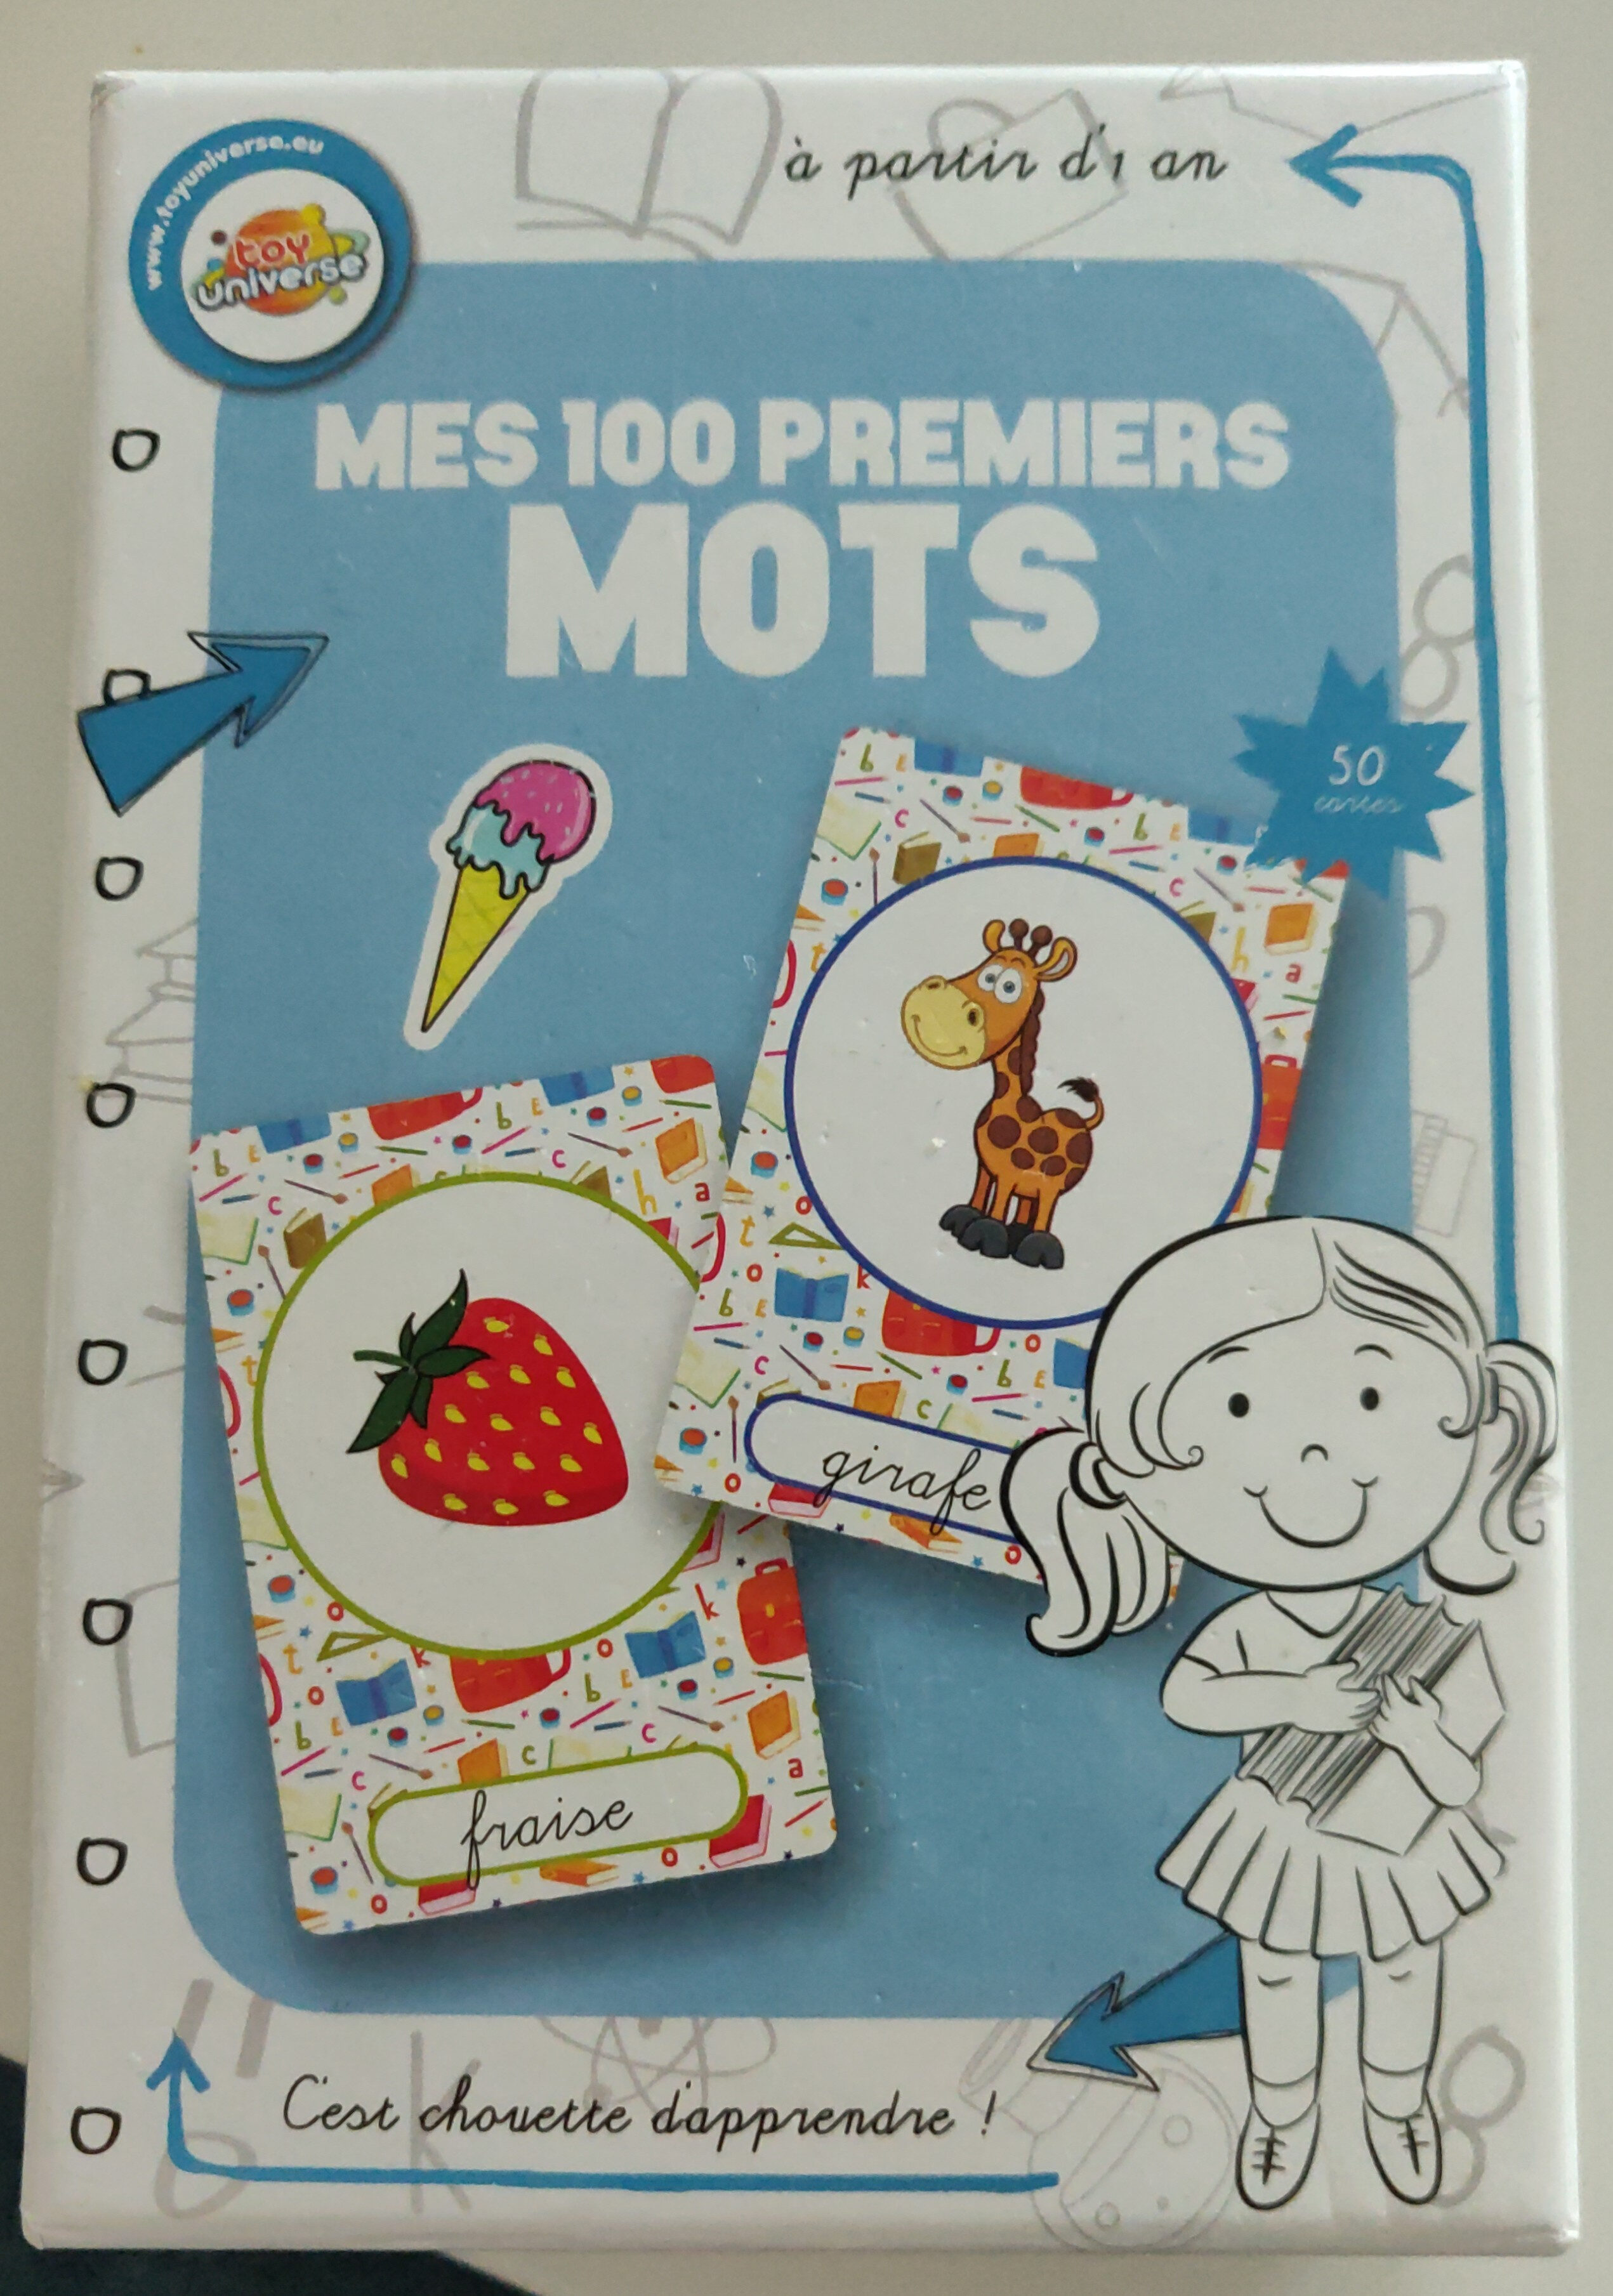 Mes 100 premiers mots - Product